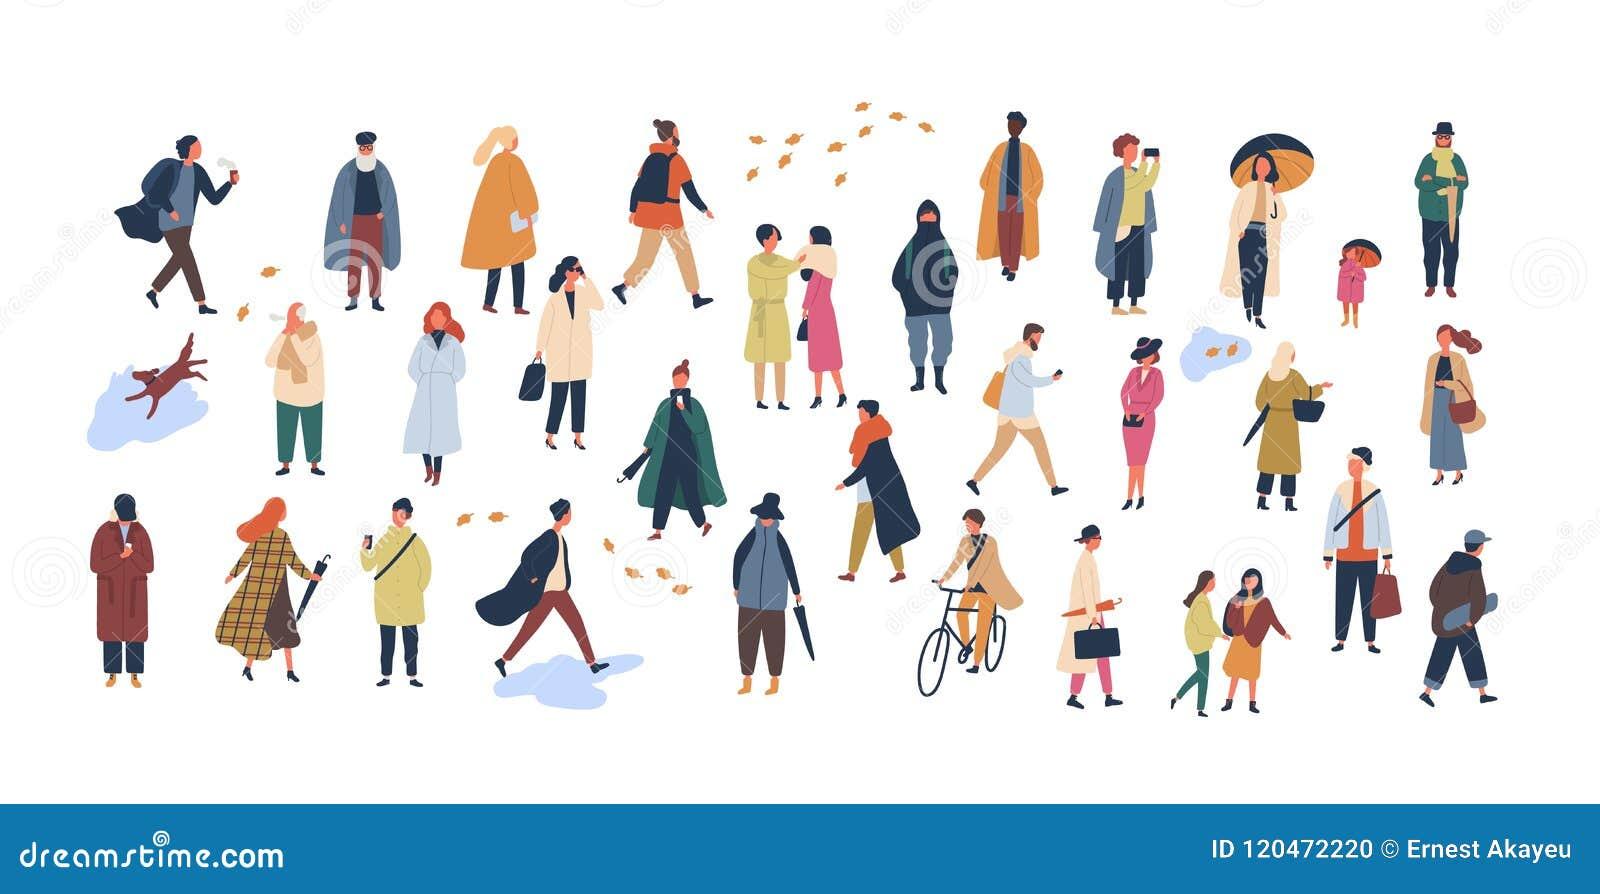 De menigte van uiterst kleine mensen kleedde zich in de herfstkleren of bovenkleding die op straat lopen en openluchtactiviteiten